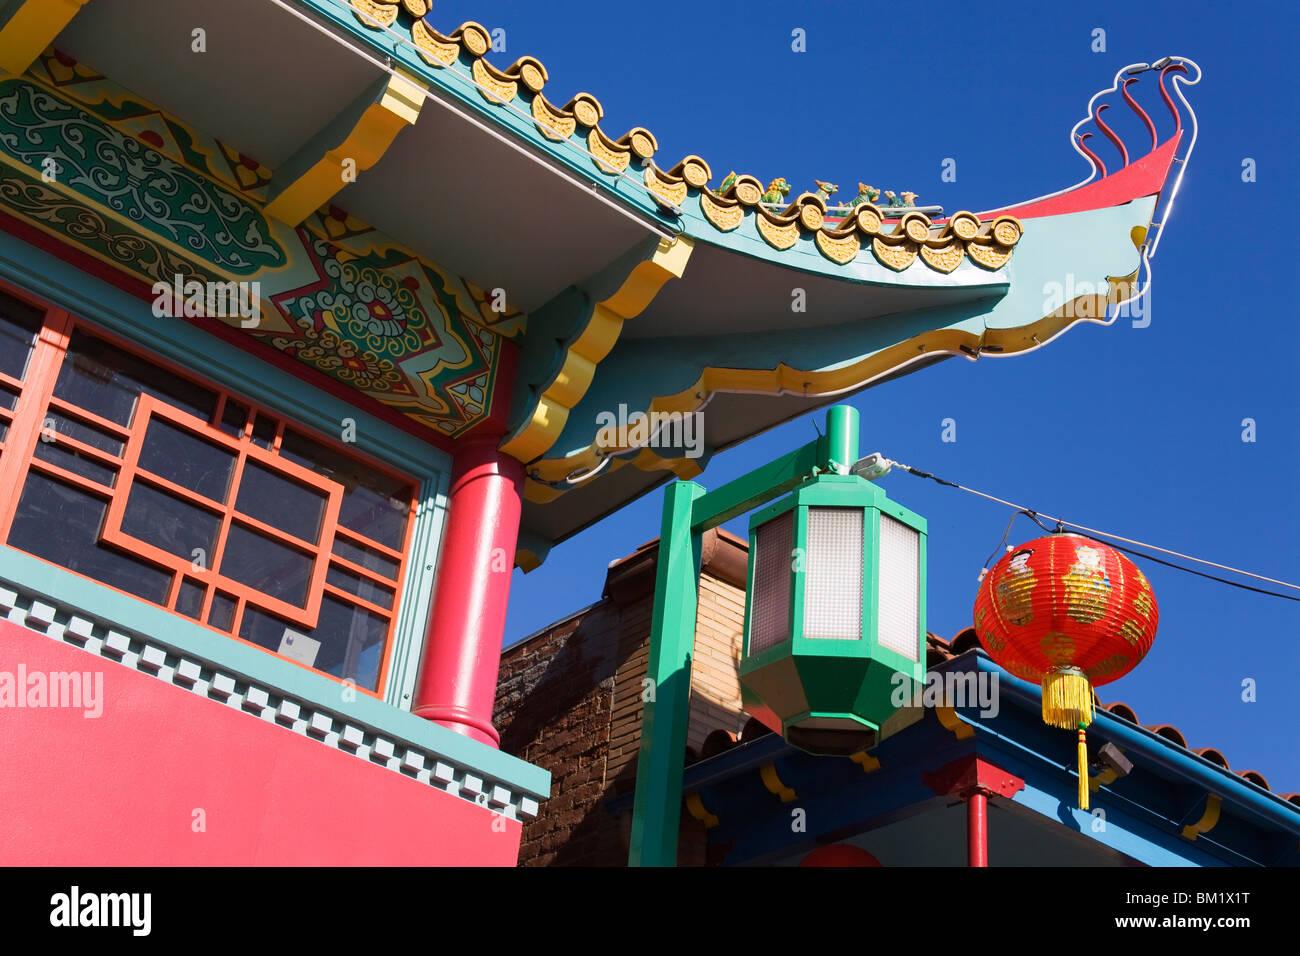 Architettura cinese, Chinatown, Los Angeles, California, Stati Uniti d'America, America del Nord Immagini Stock